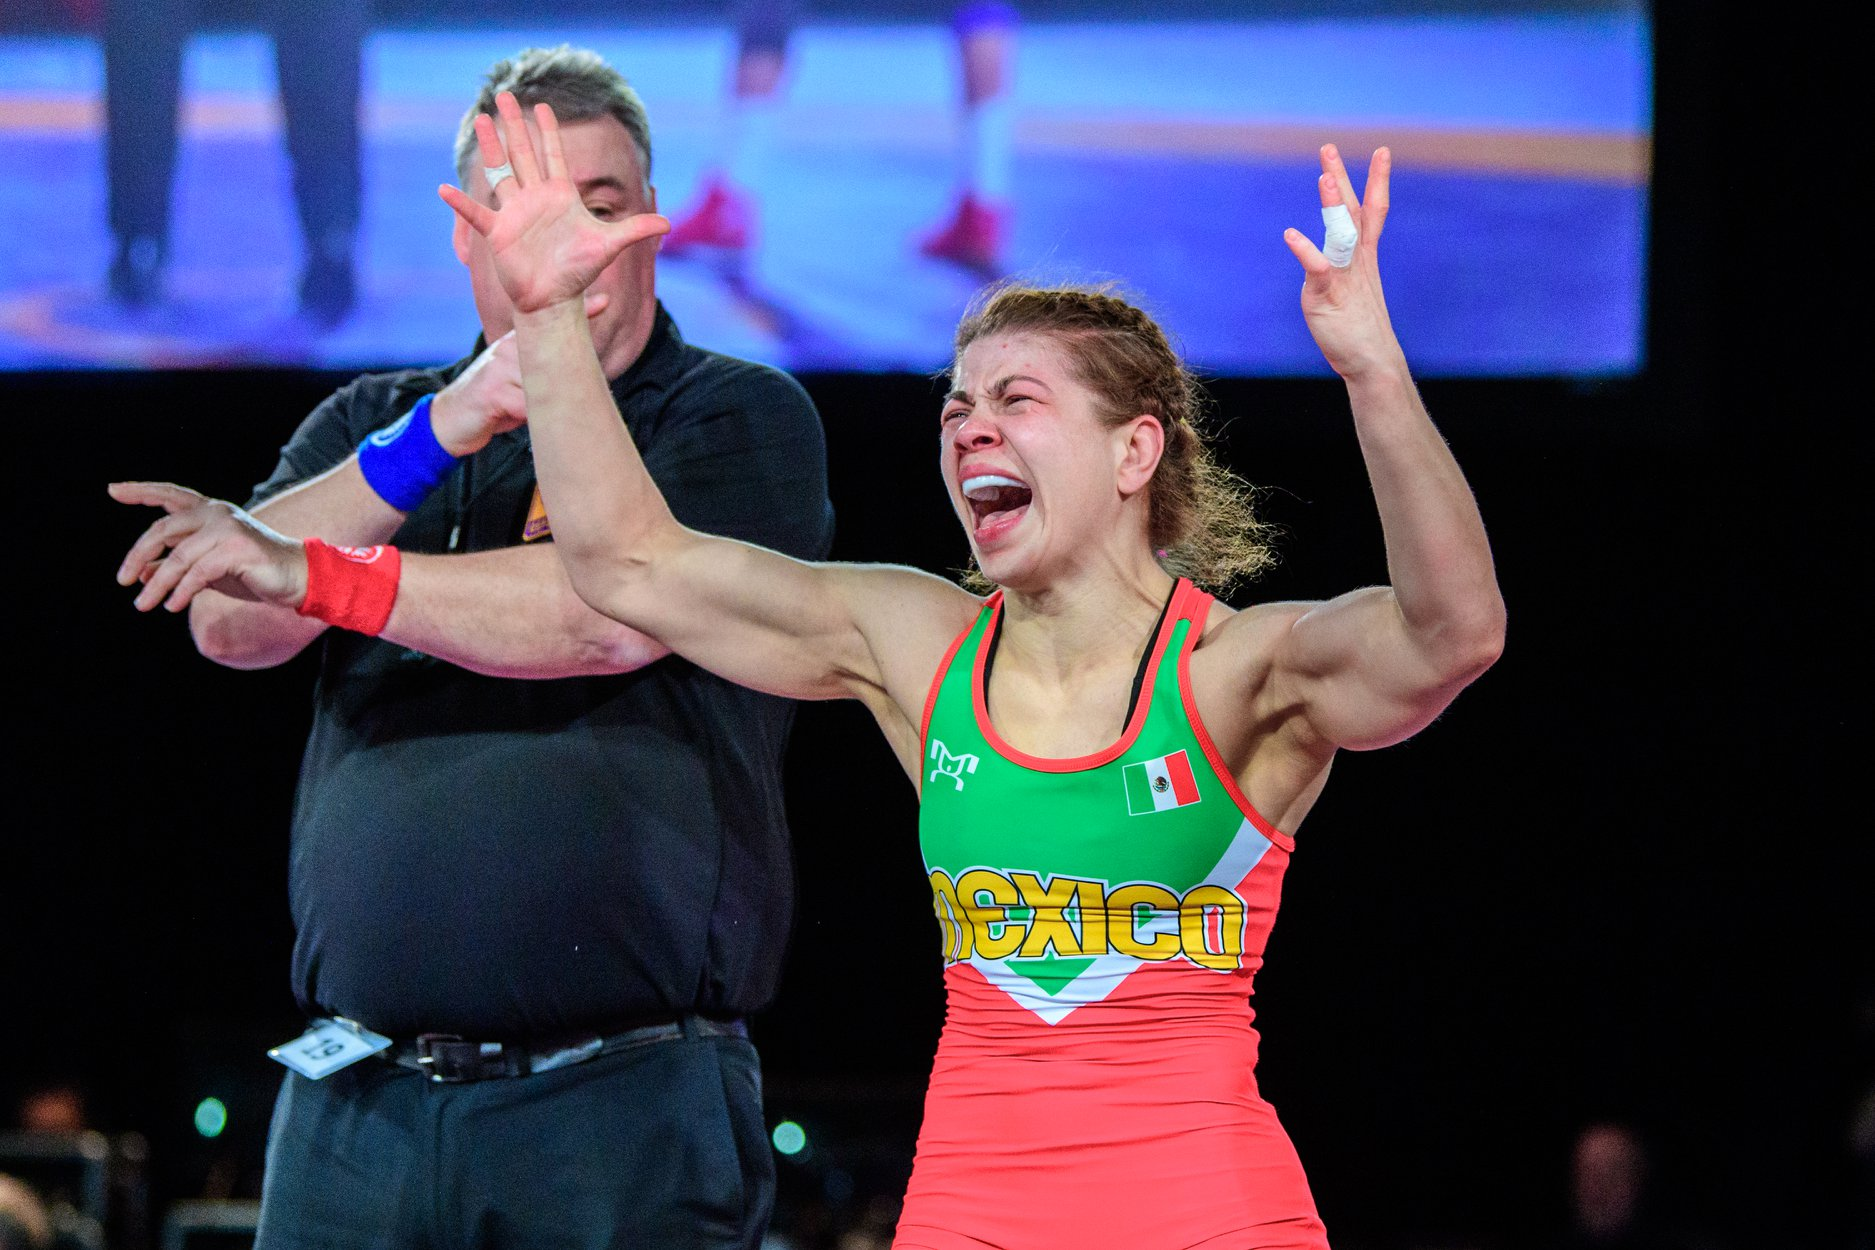 La gran hazaña de Jane Valencia en la lucha olímpica 3